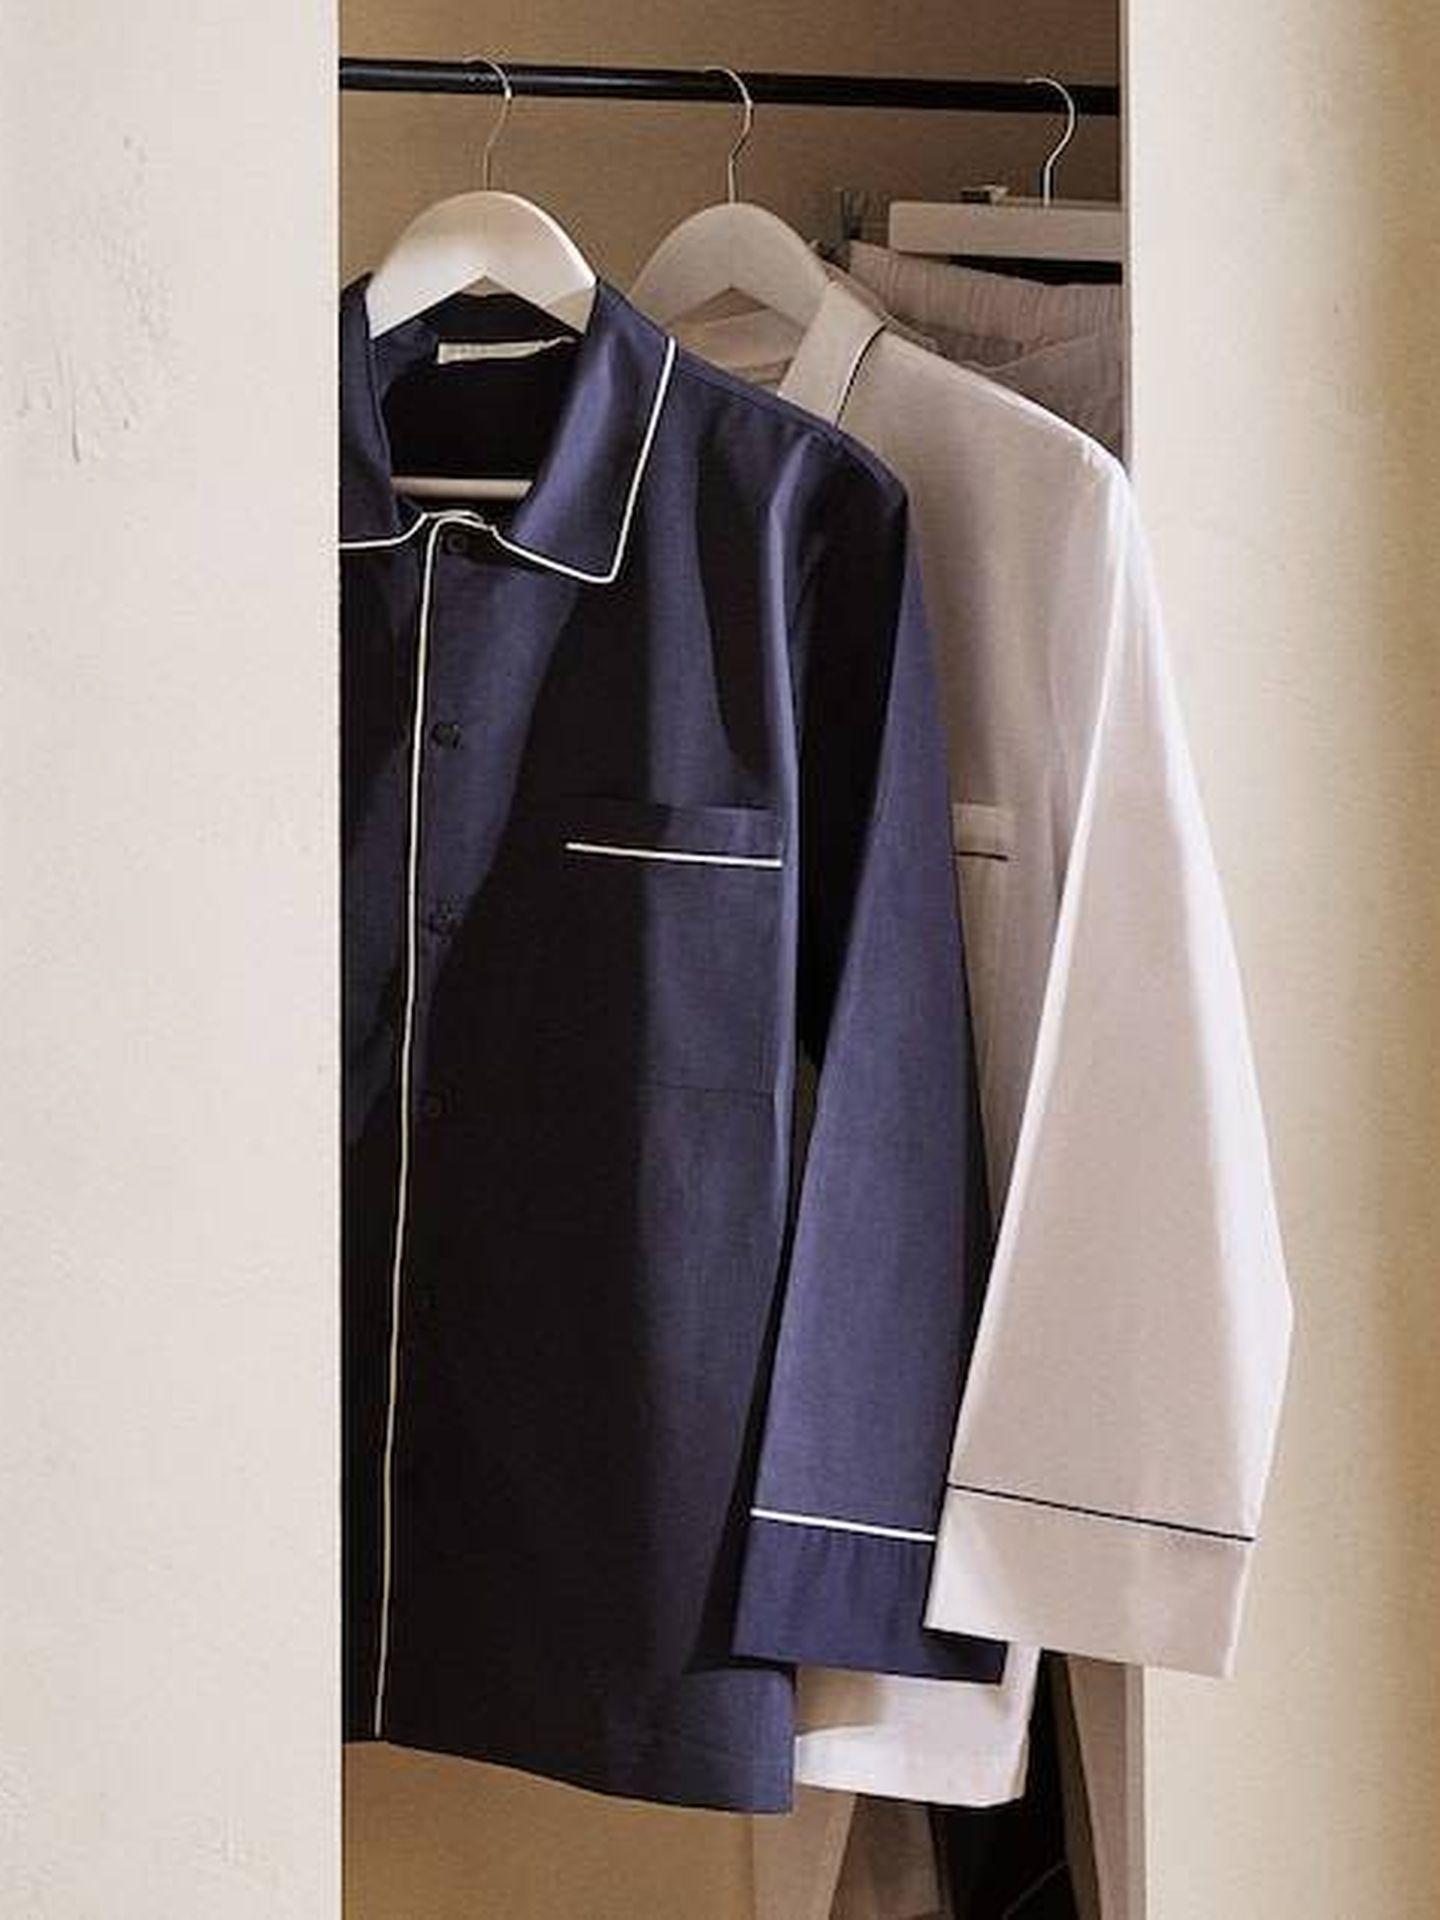 Pijamas personalizables de Zara Home. (Cortesía)